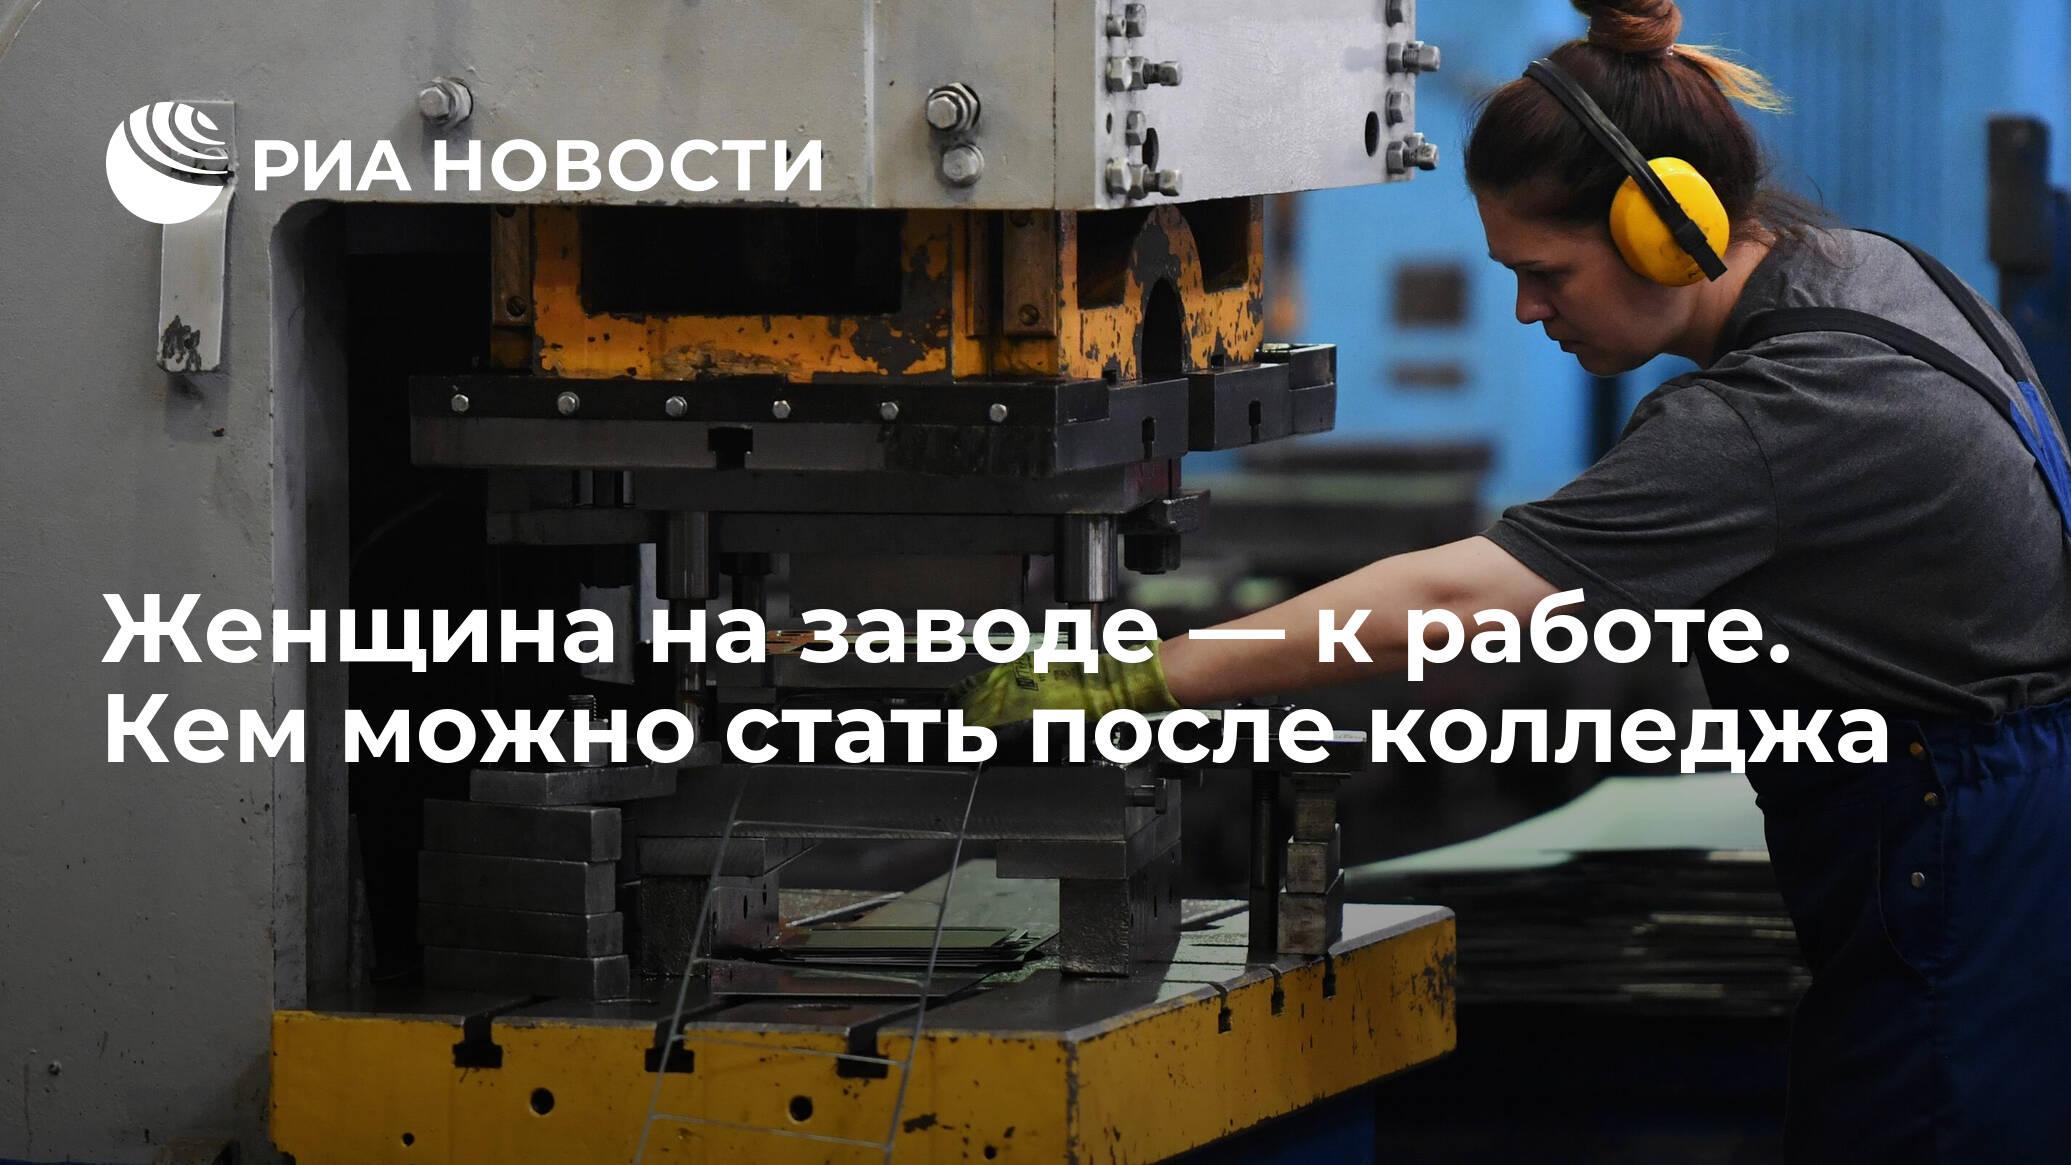 Работа в москве на заводах для девушек модели ташкент работа